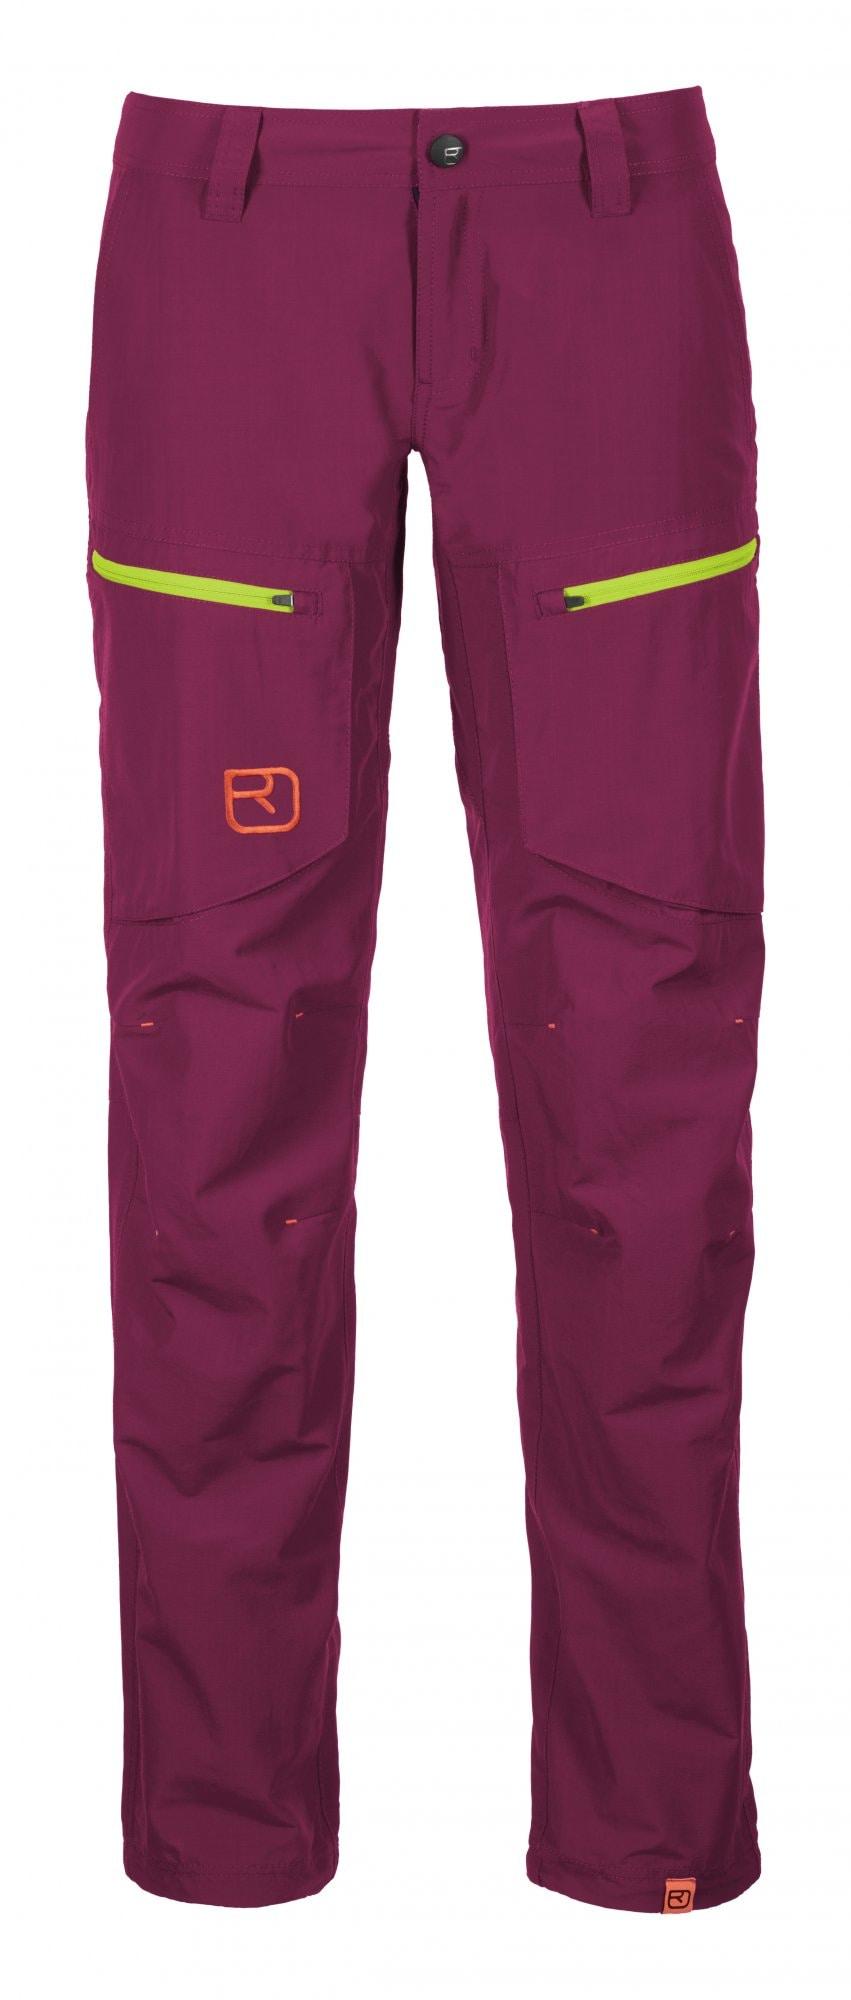 Ortovox Pants Vintage Cargo, W's, Dark Verry Berry